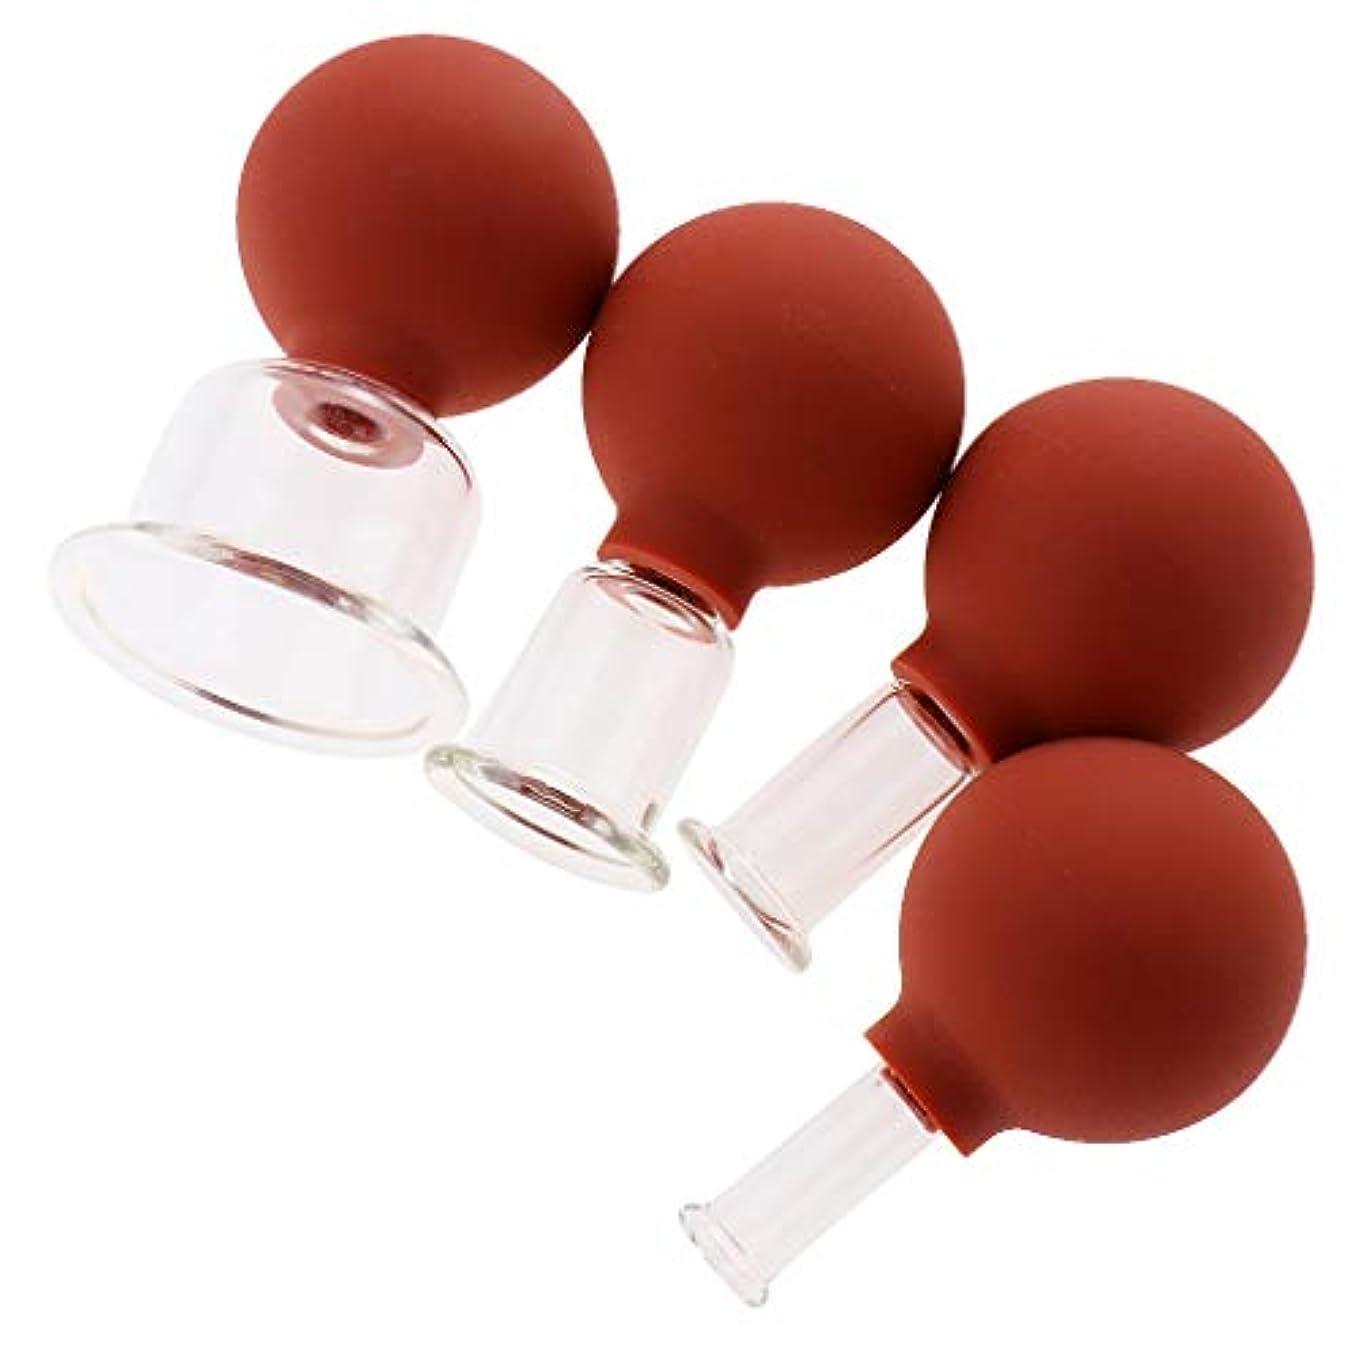 効果的に苦しみ副F Fityle マッサージ吸い玉 マッサージカップ ガラスカッピング ゴム 真空 男女兼用 4個 全3色 - 赤茶色